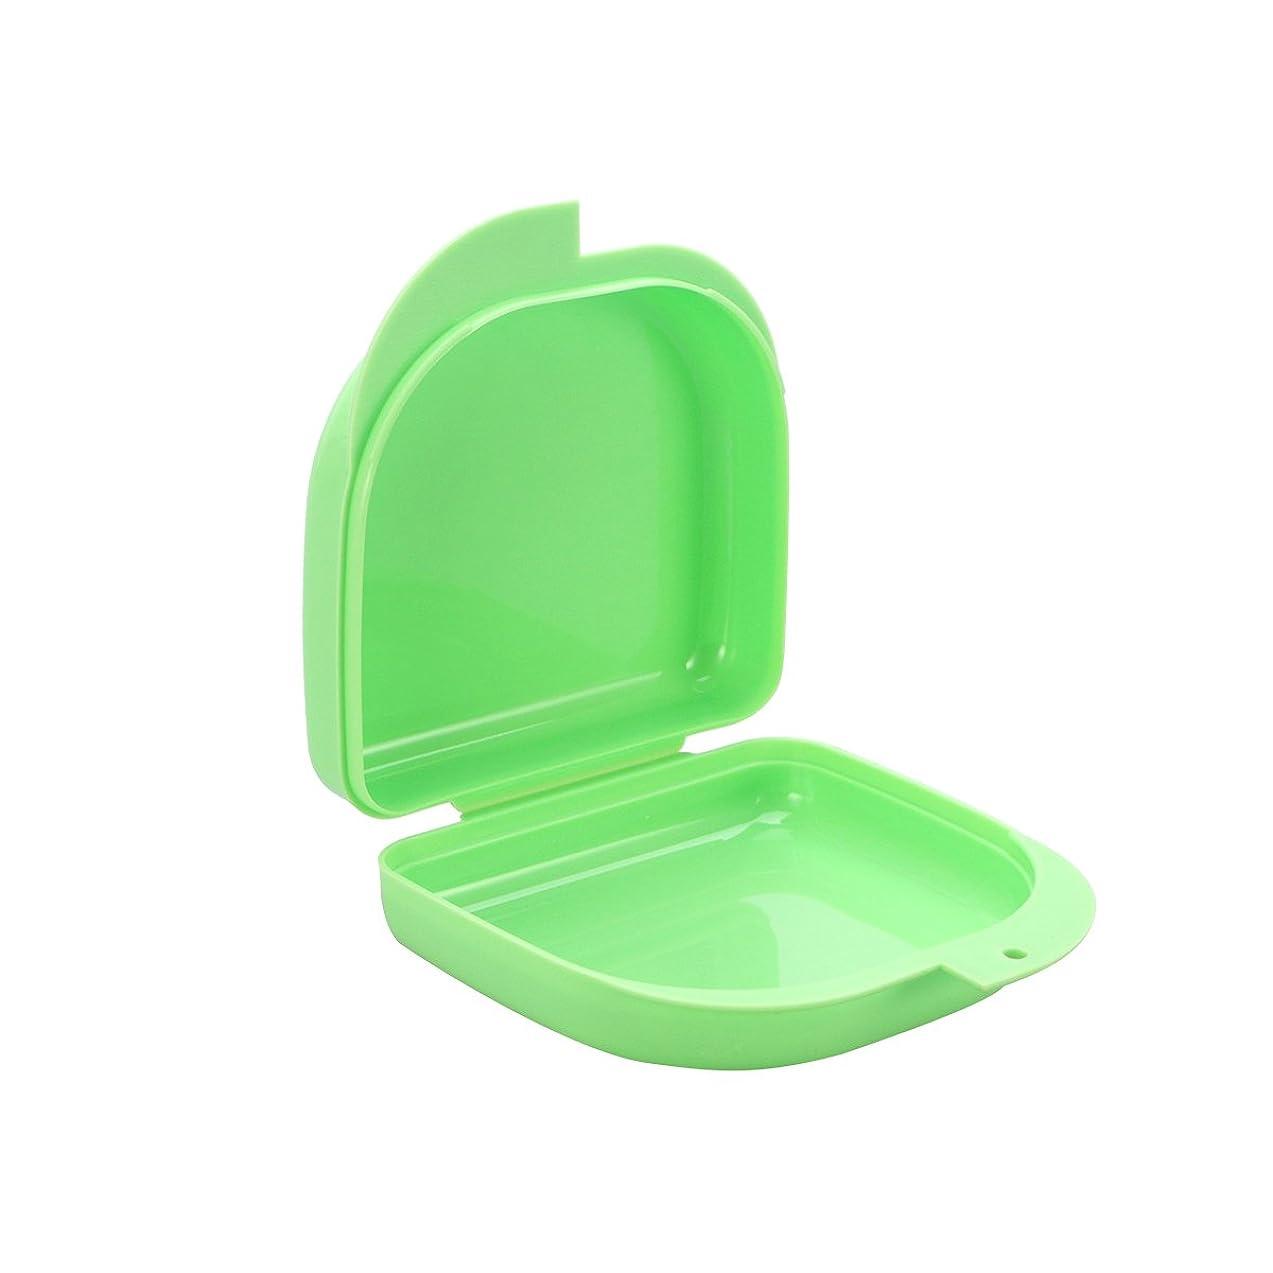 再生カカドゥ再生SUPVOX マウスガードケース義歯収納容器付き通気孔と蝶番付きフタ留め金具歯科矯正歯科リテーナーボックス2個